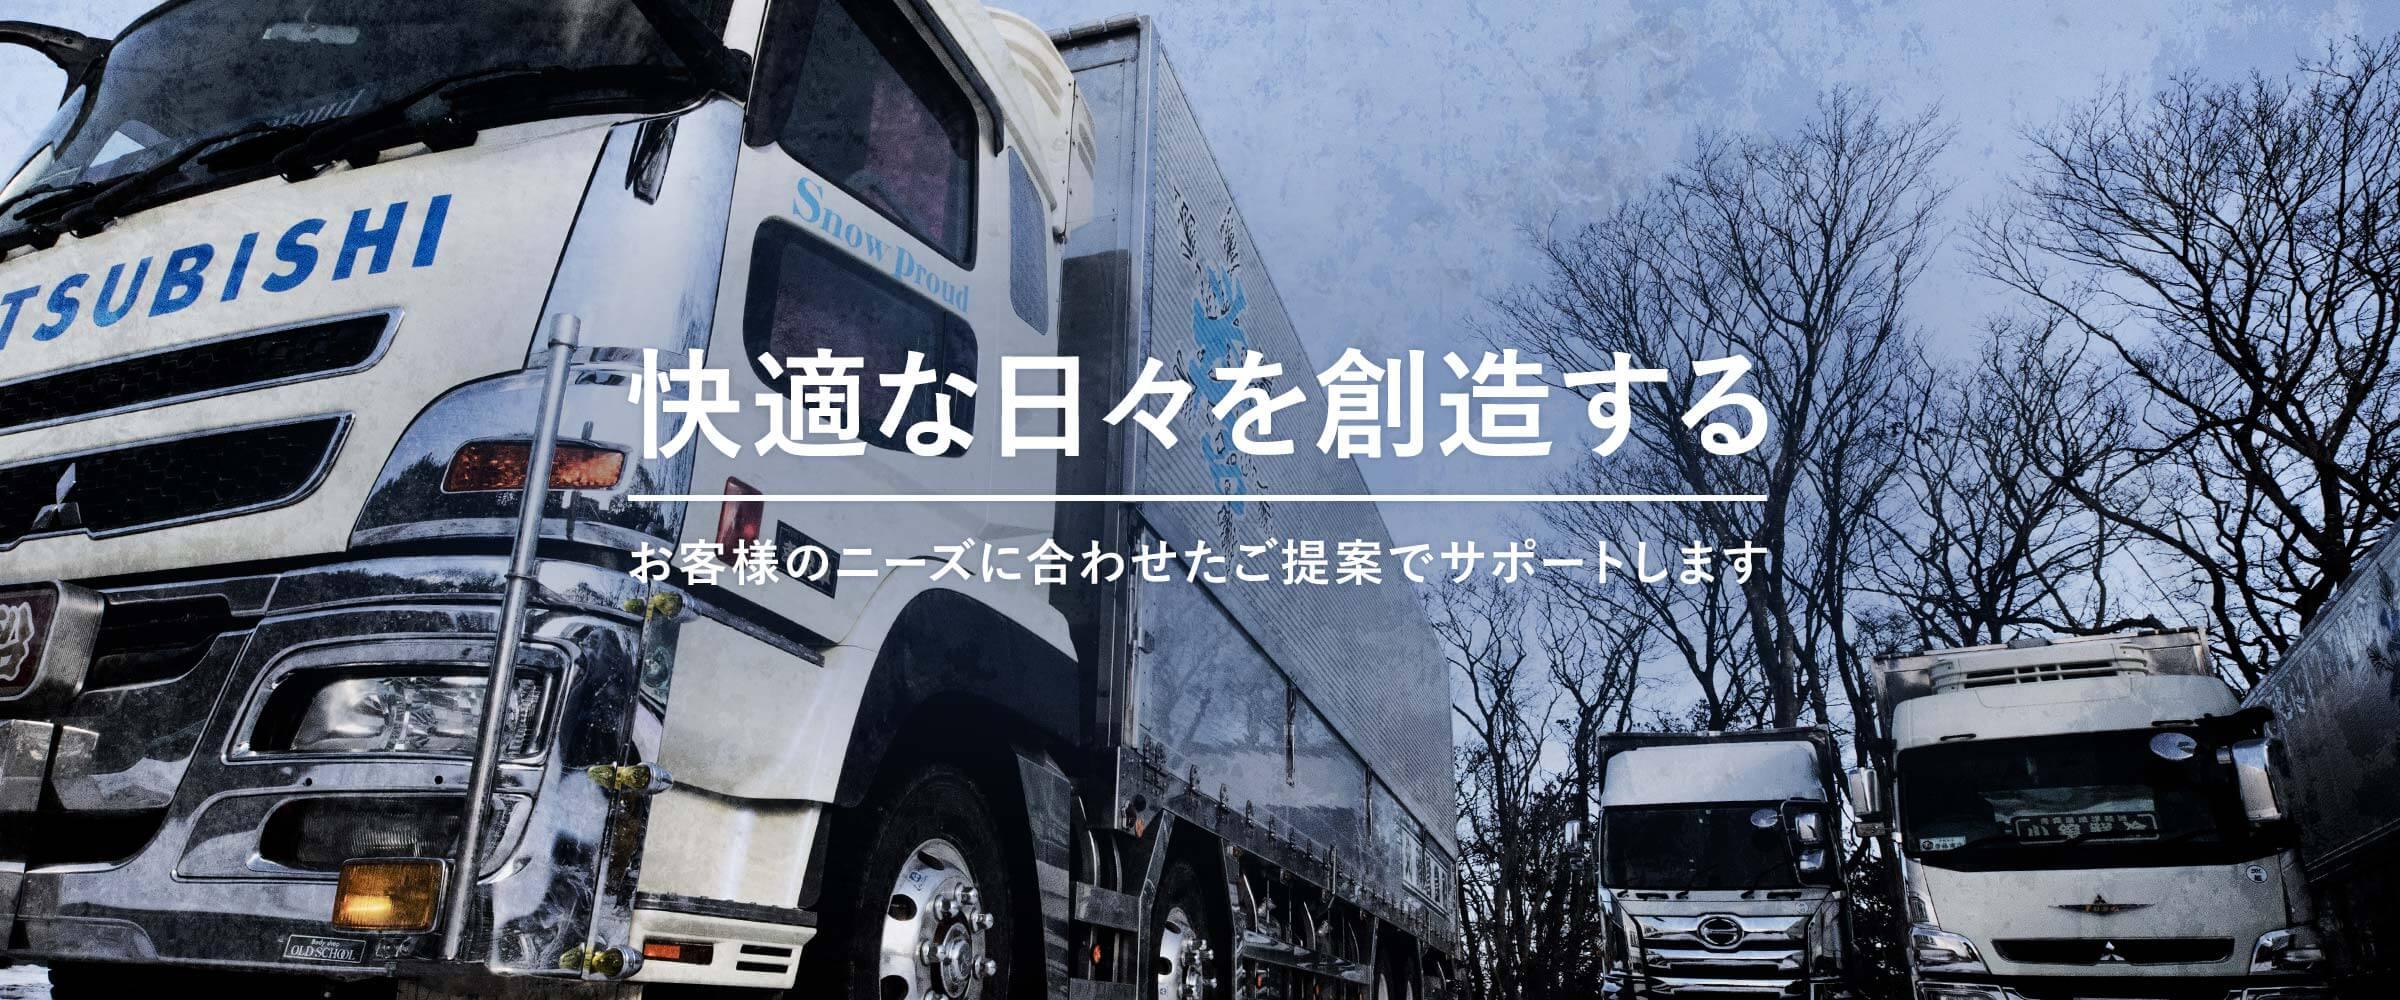 snow proud 運輸業務